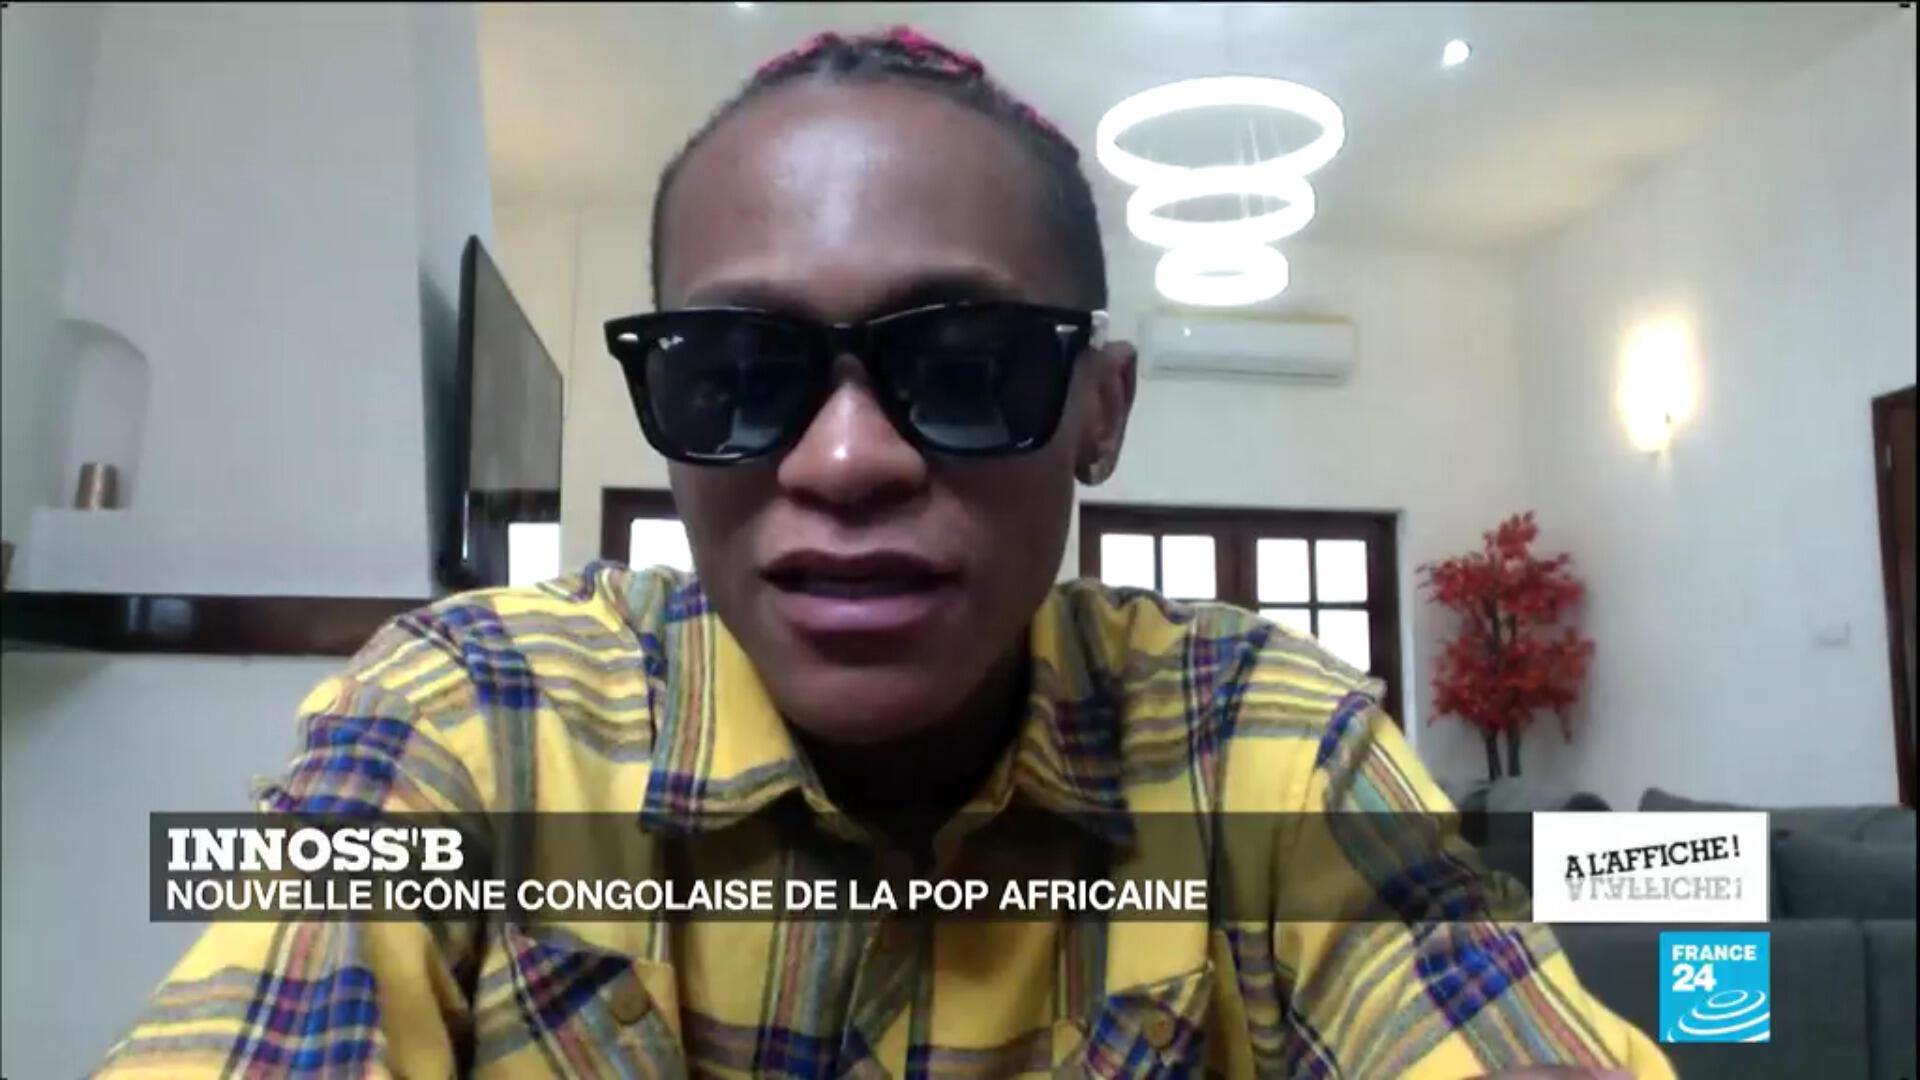 La star congolaise Innoss'B, en août 2020 sur France 24